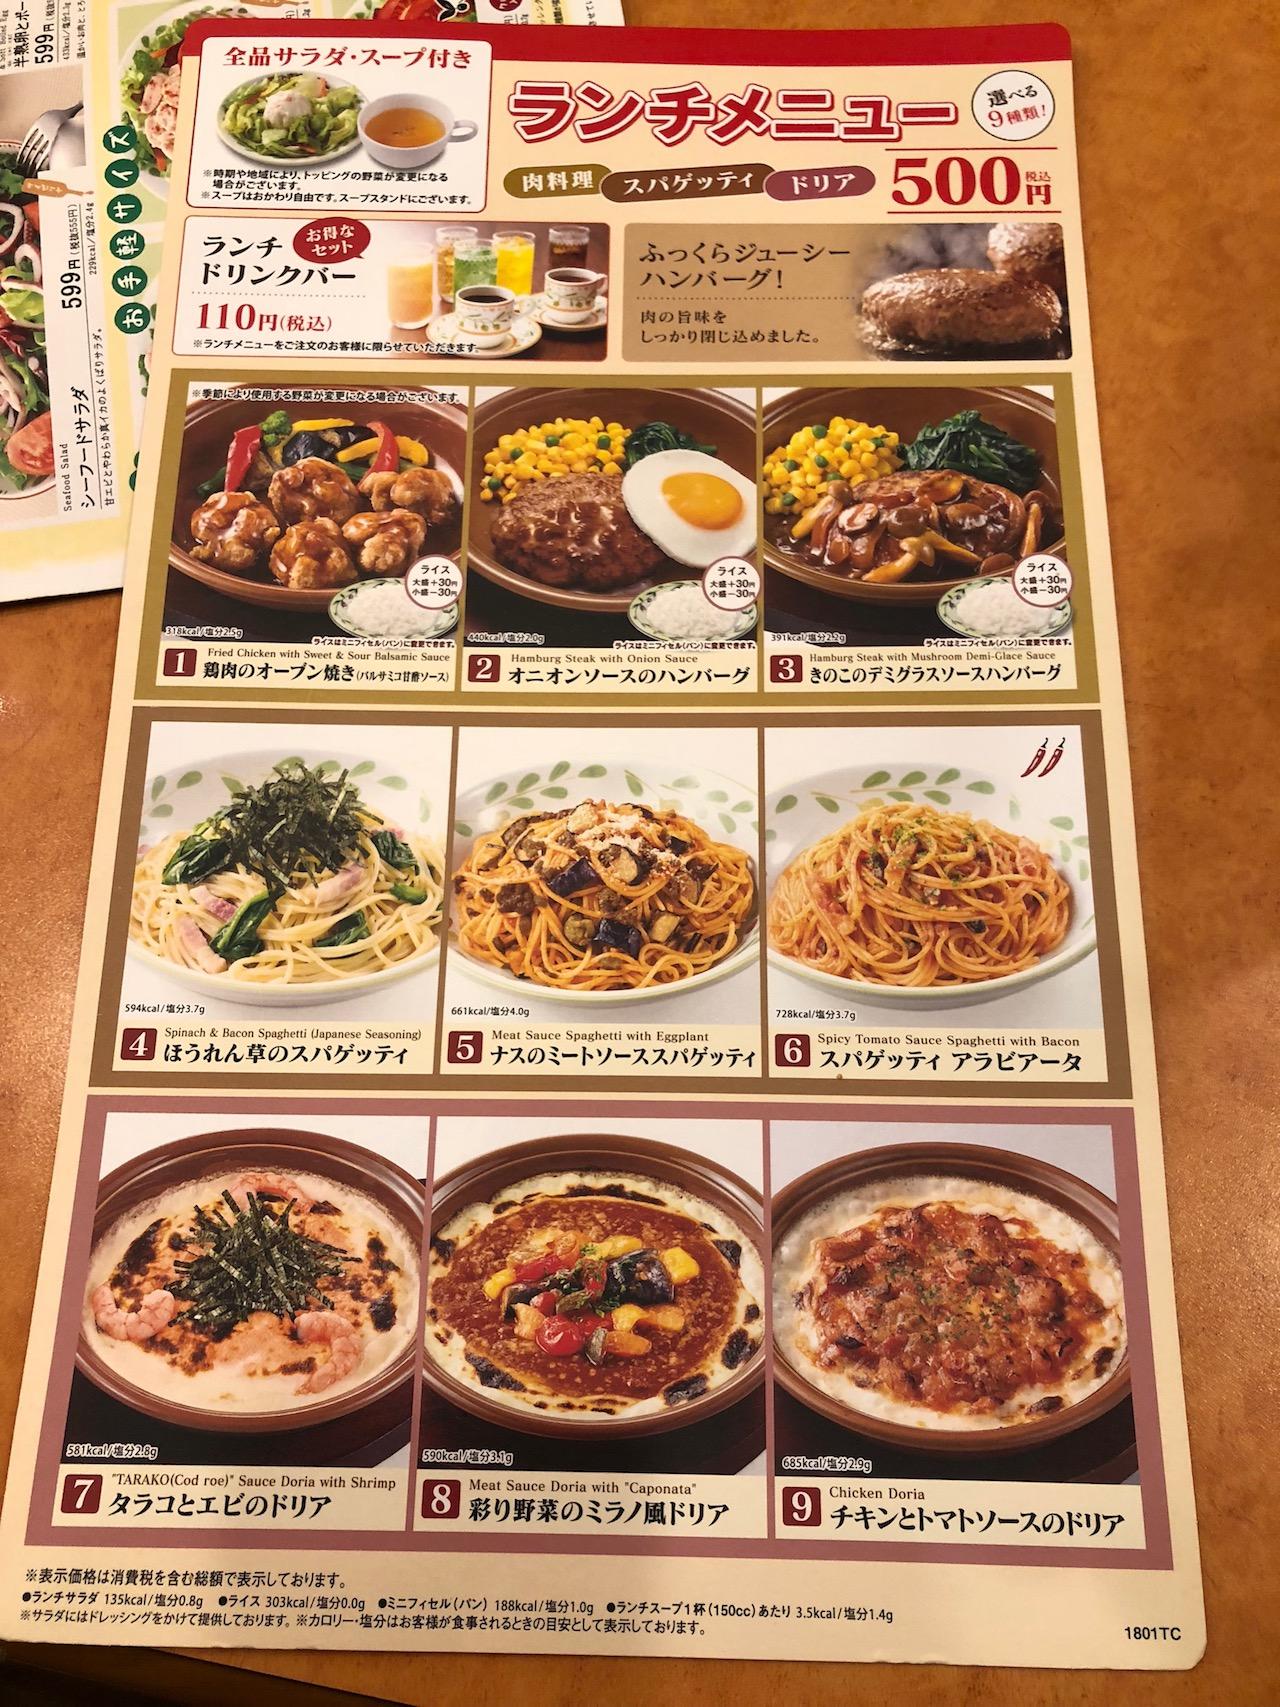 サイゼリヤのランチは9種のメニューから選べてワンコイン500円!スープも飲み放題!最強じゃね?